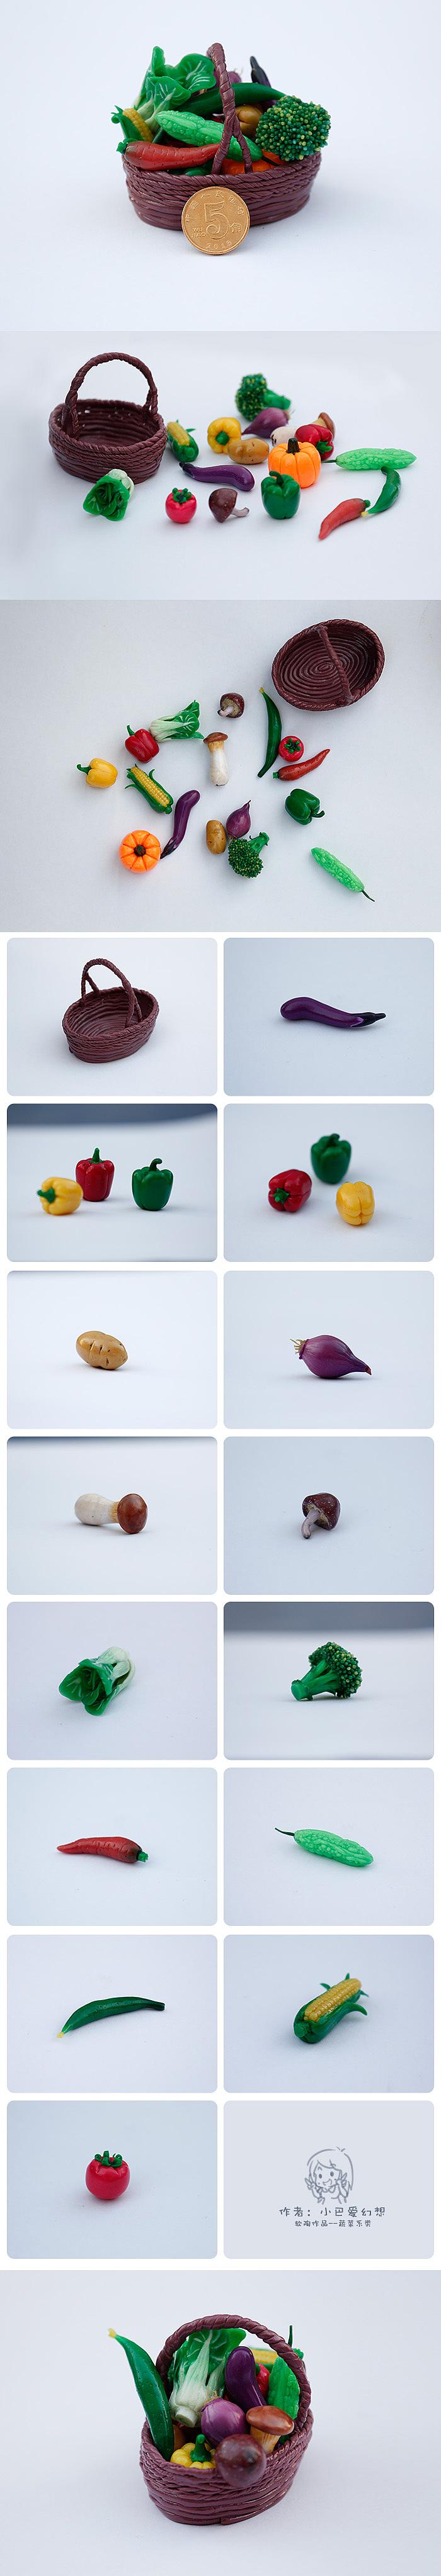 软陶之蔬菜篮子|手工艺|工艺品设计|小巴爱幻想88